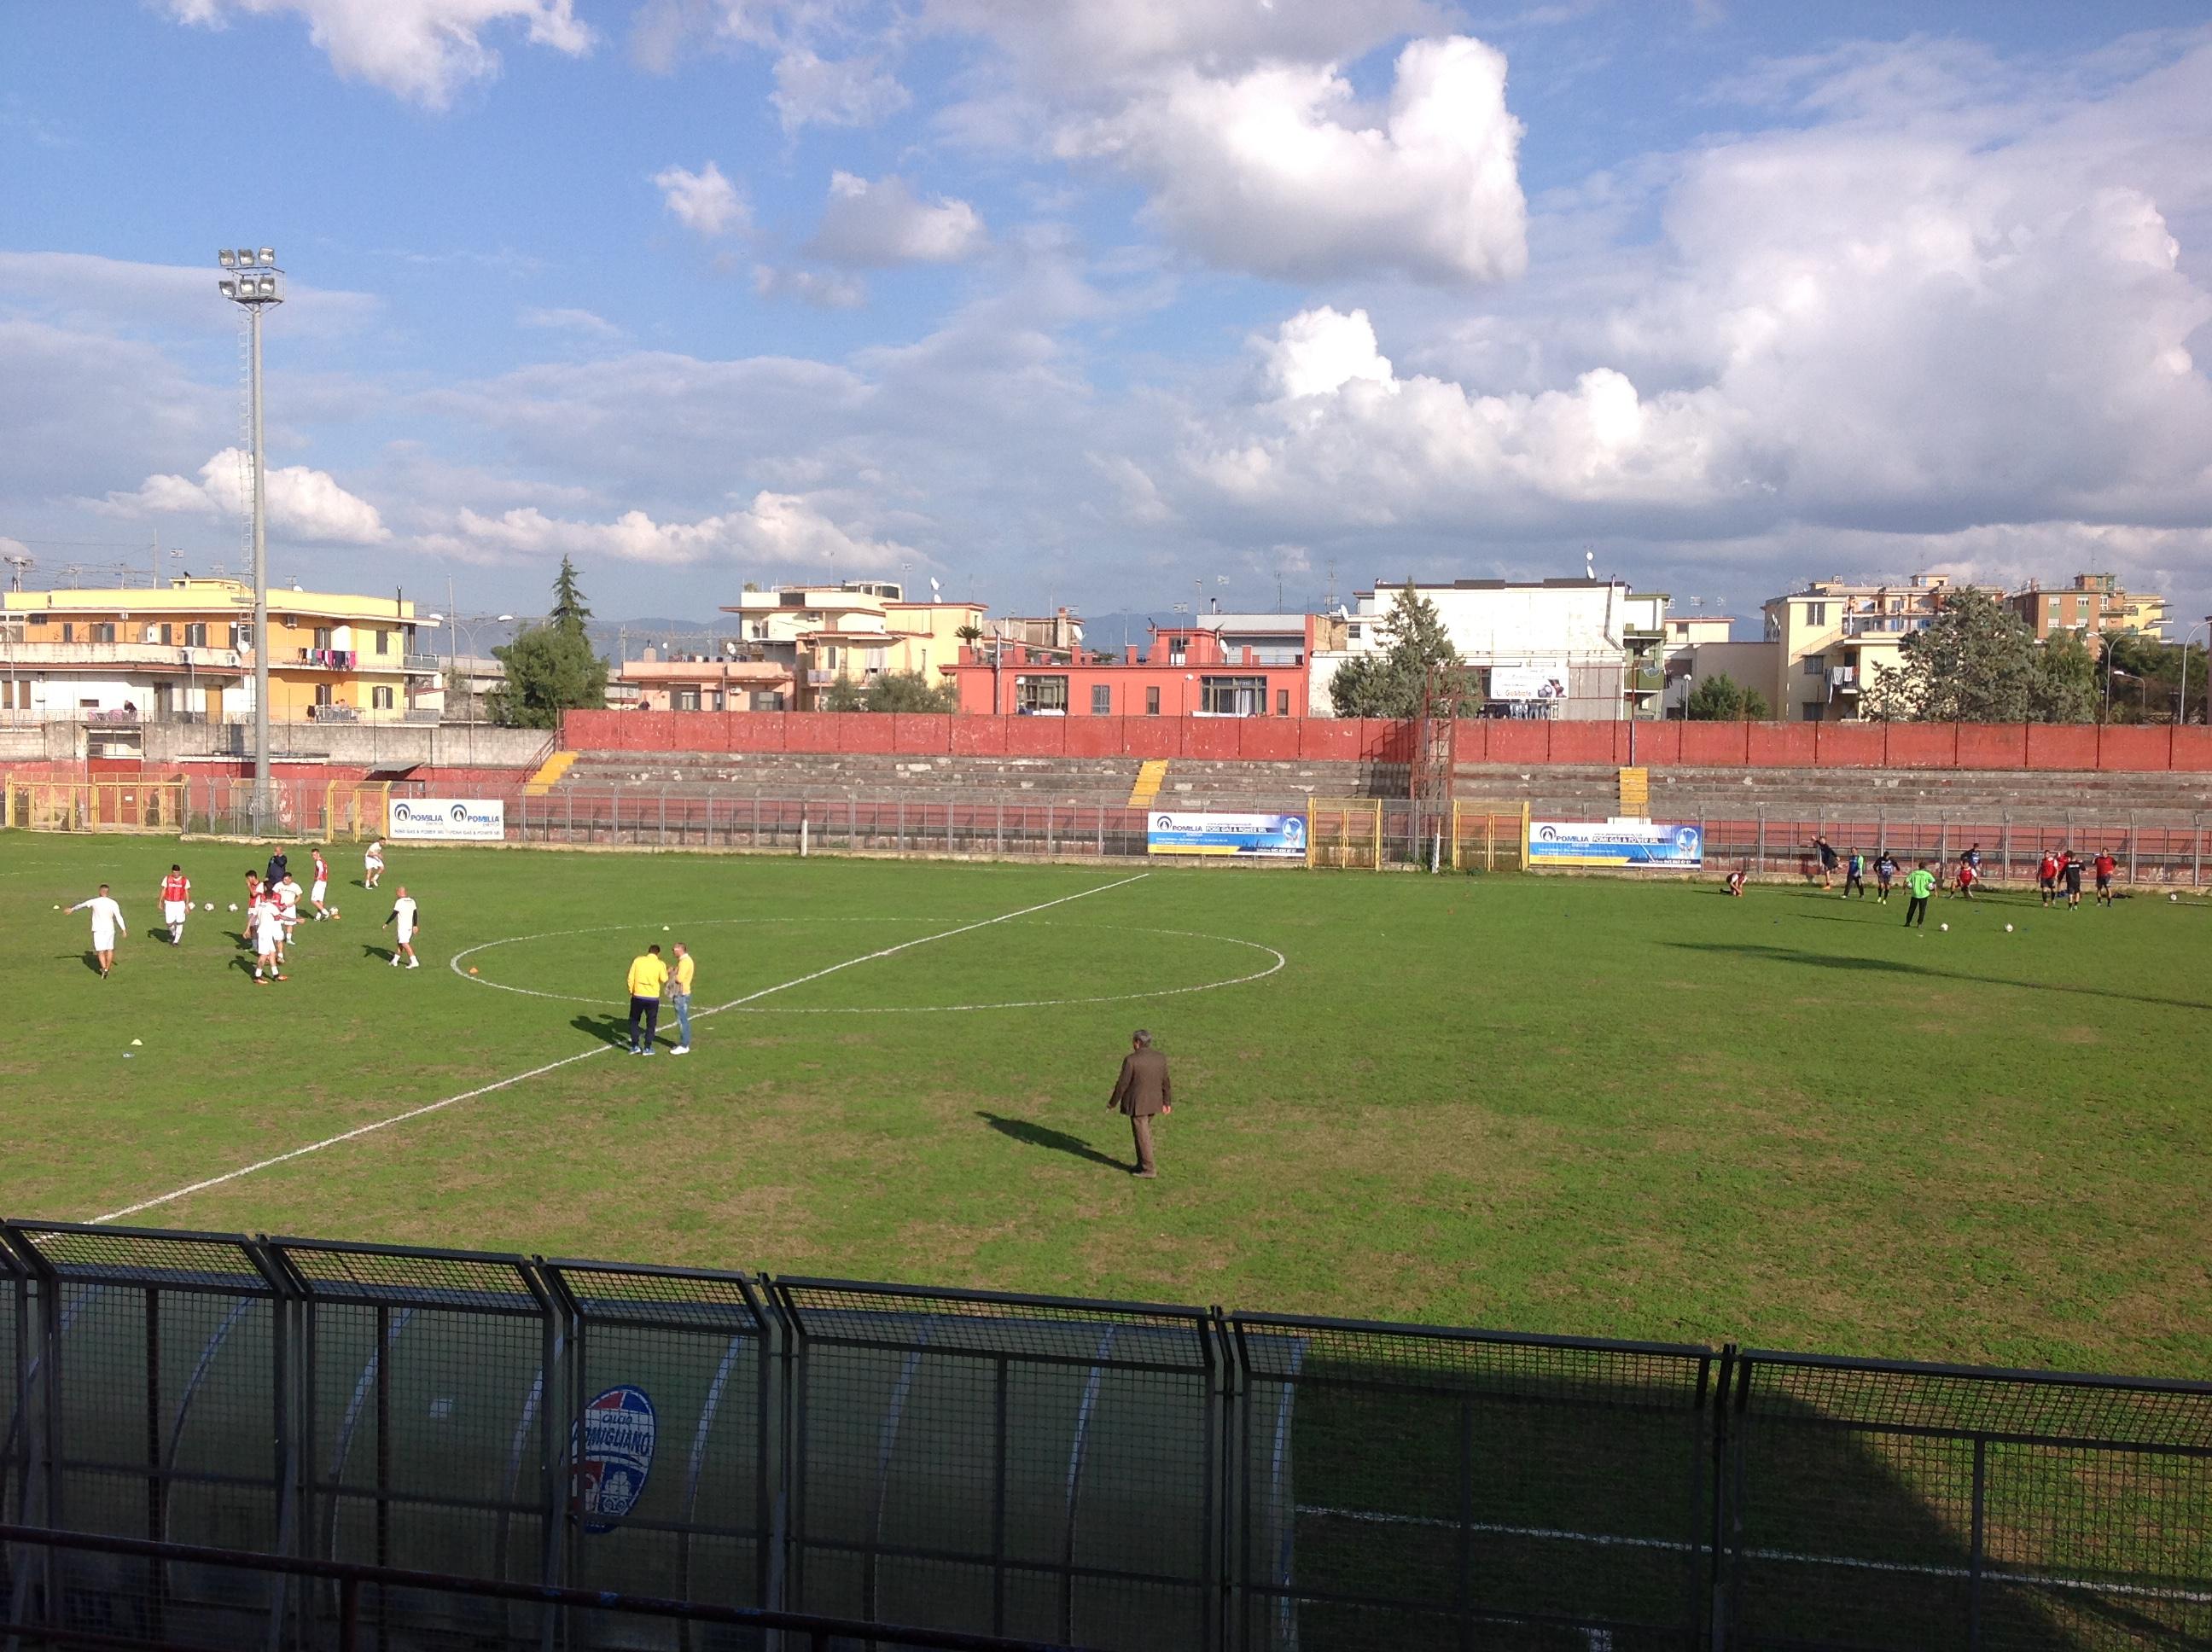 Serie D Girone I, Pomigliano-Gladiator: segui la diretta